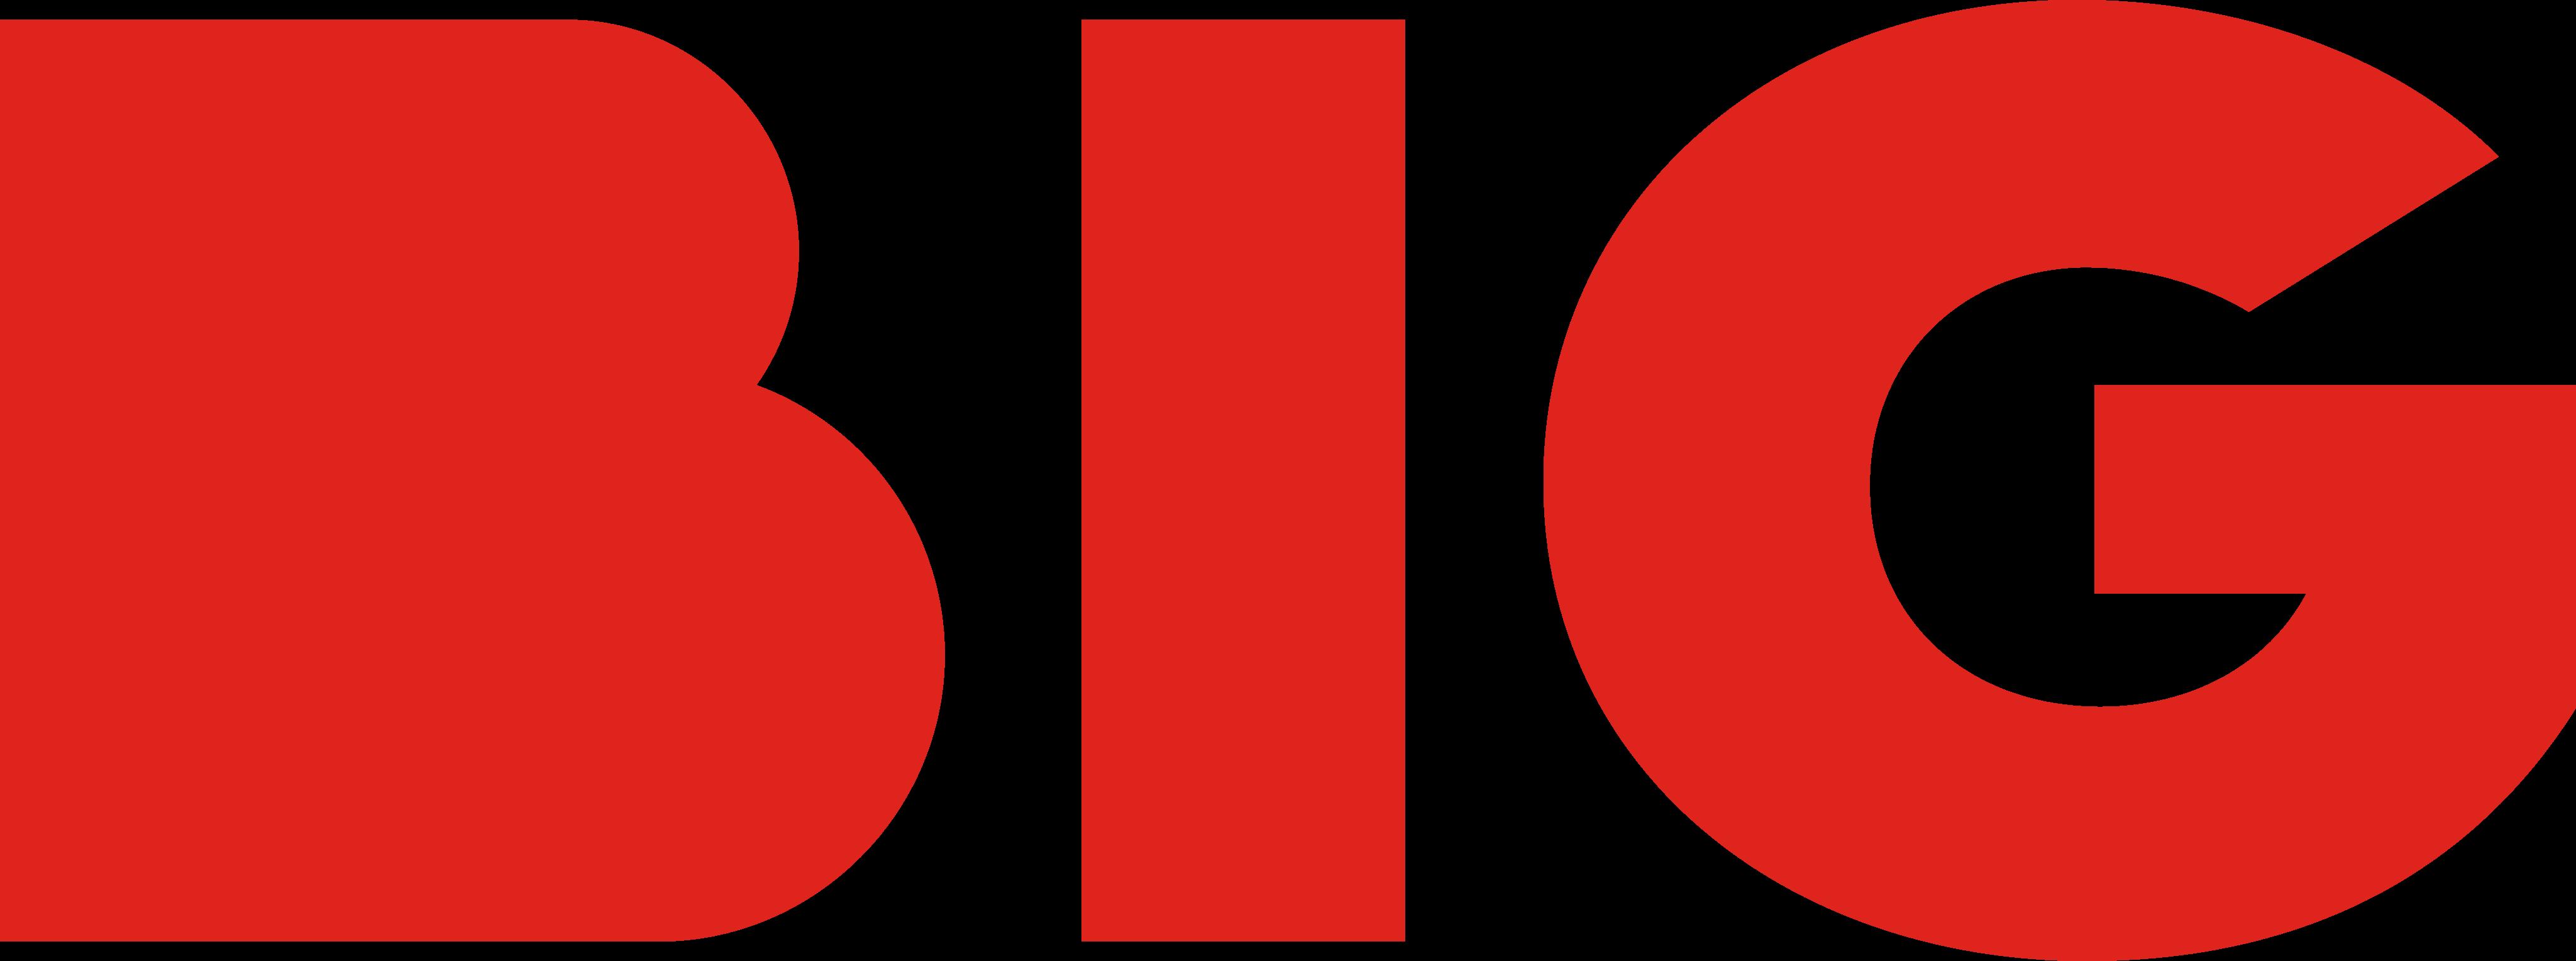 BIG Hipermercado Logo.